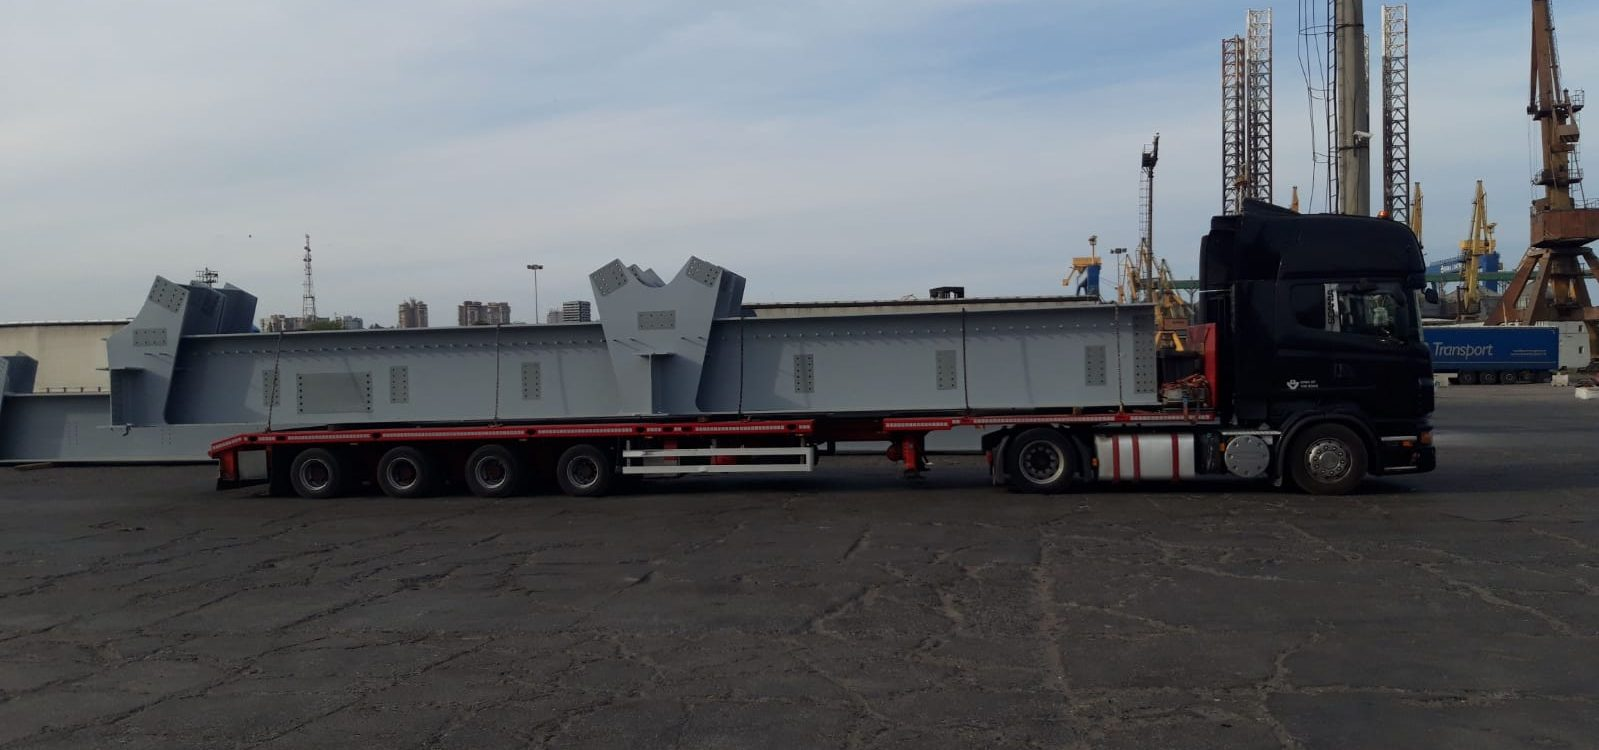 ORIENT - Soluţii complete pentru transport agabaritic intern și internațional